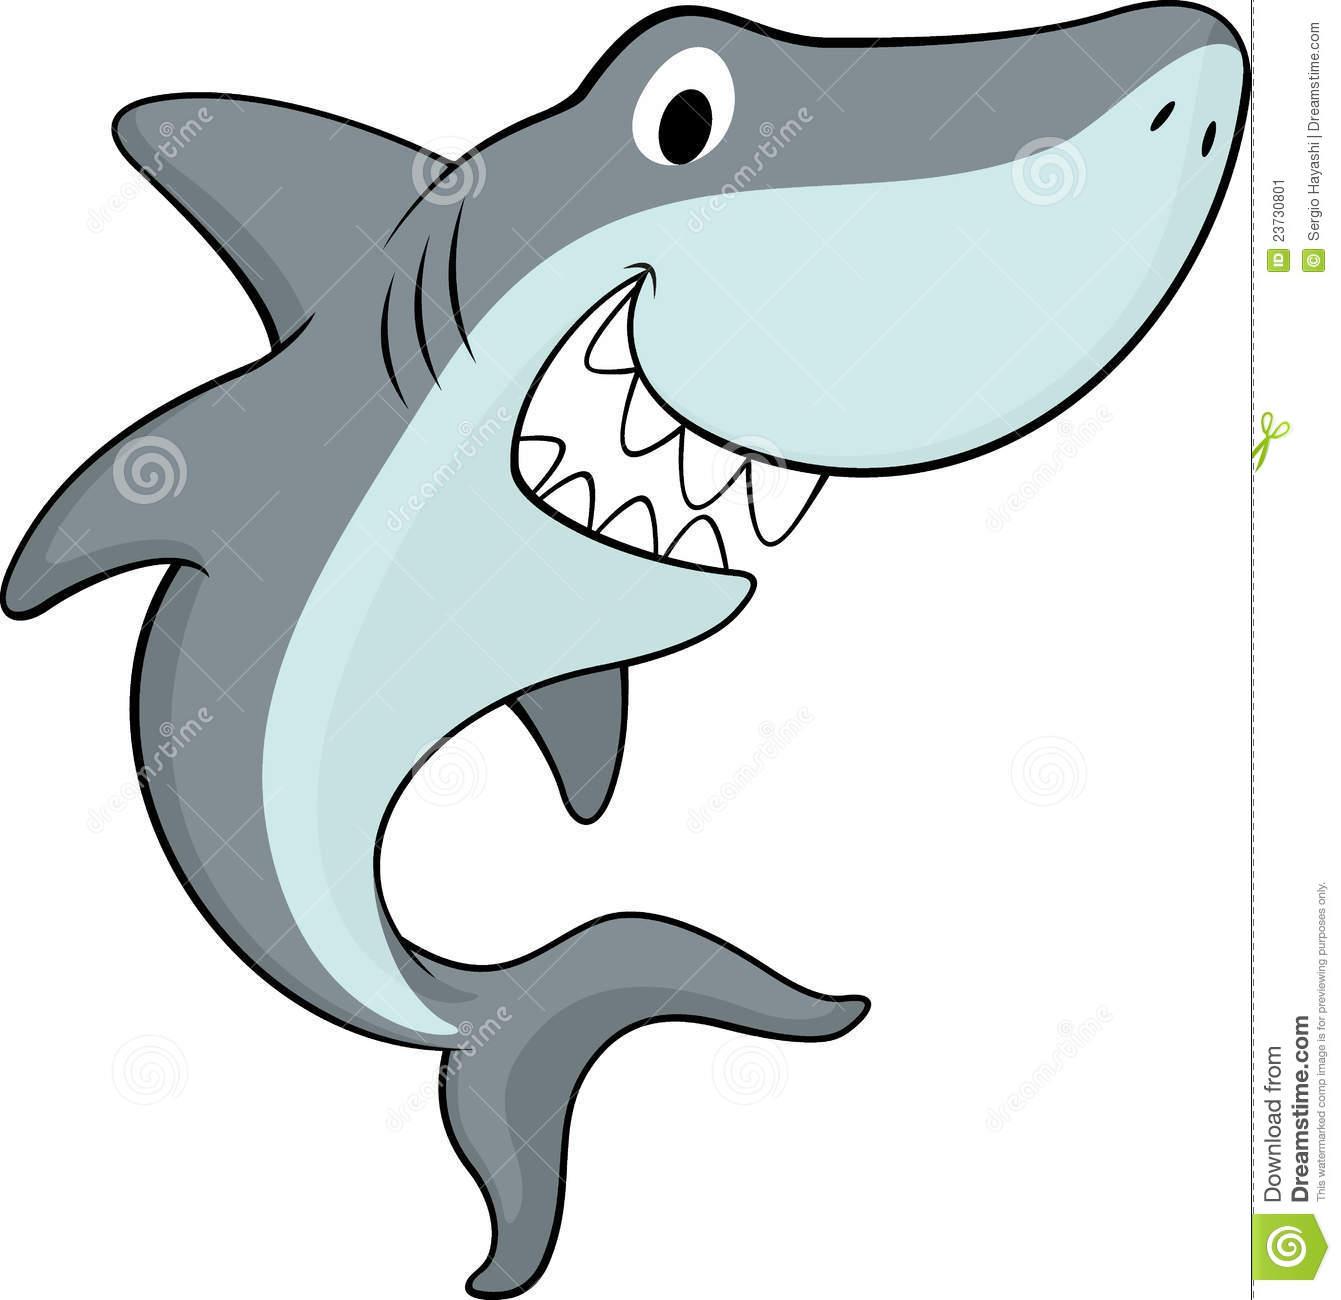 Shark clipart for kid #1